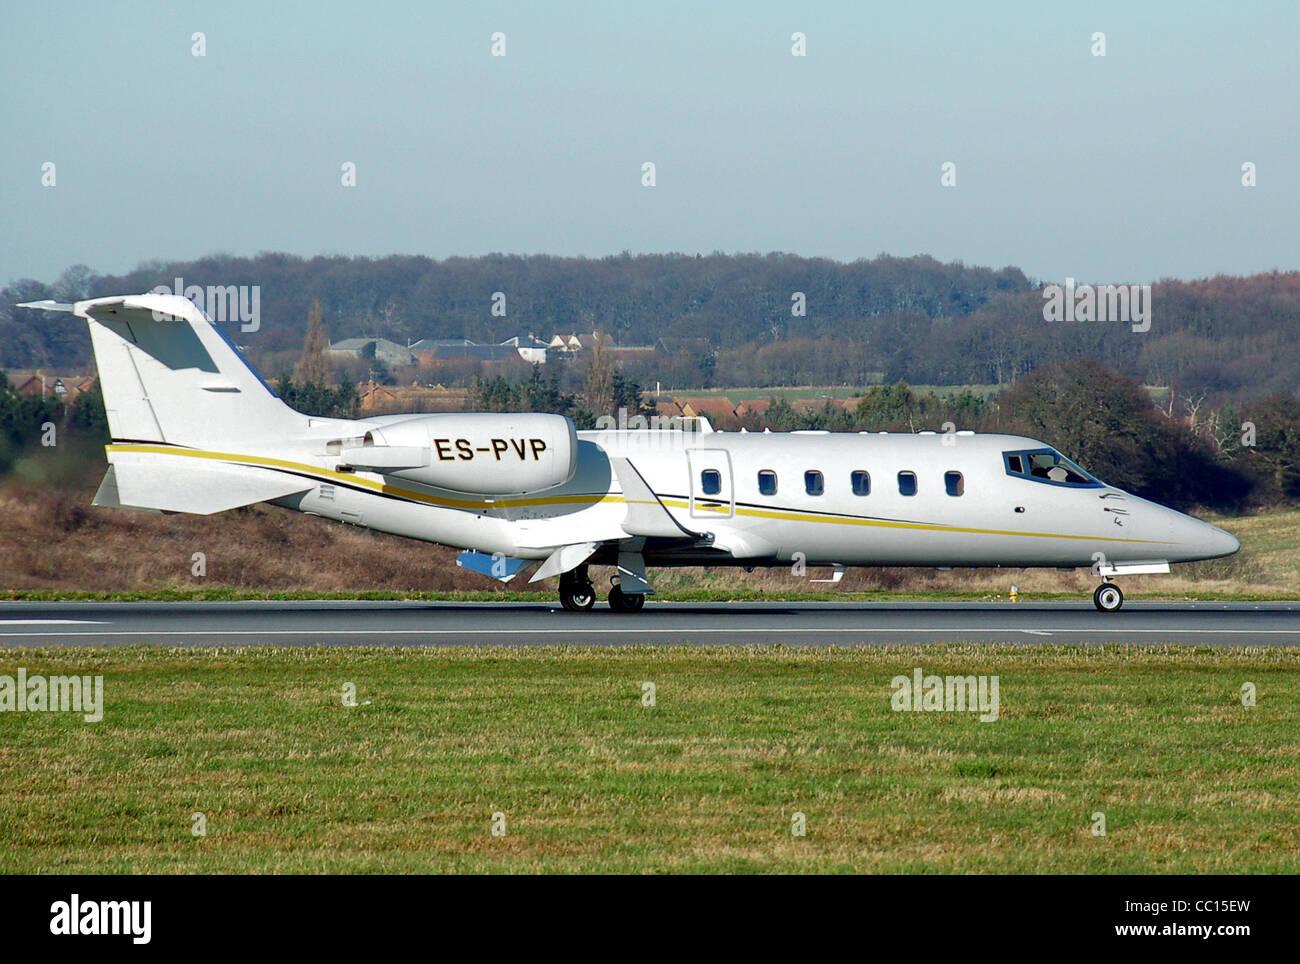 Bombardier Learjet 60 (inscription Estonie ES-PVP) atterrit à l'aéroport de Londres Luton, Angleterre Photo Stock